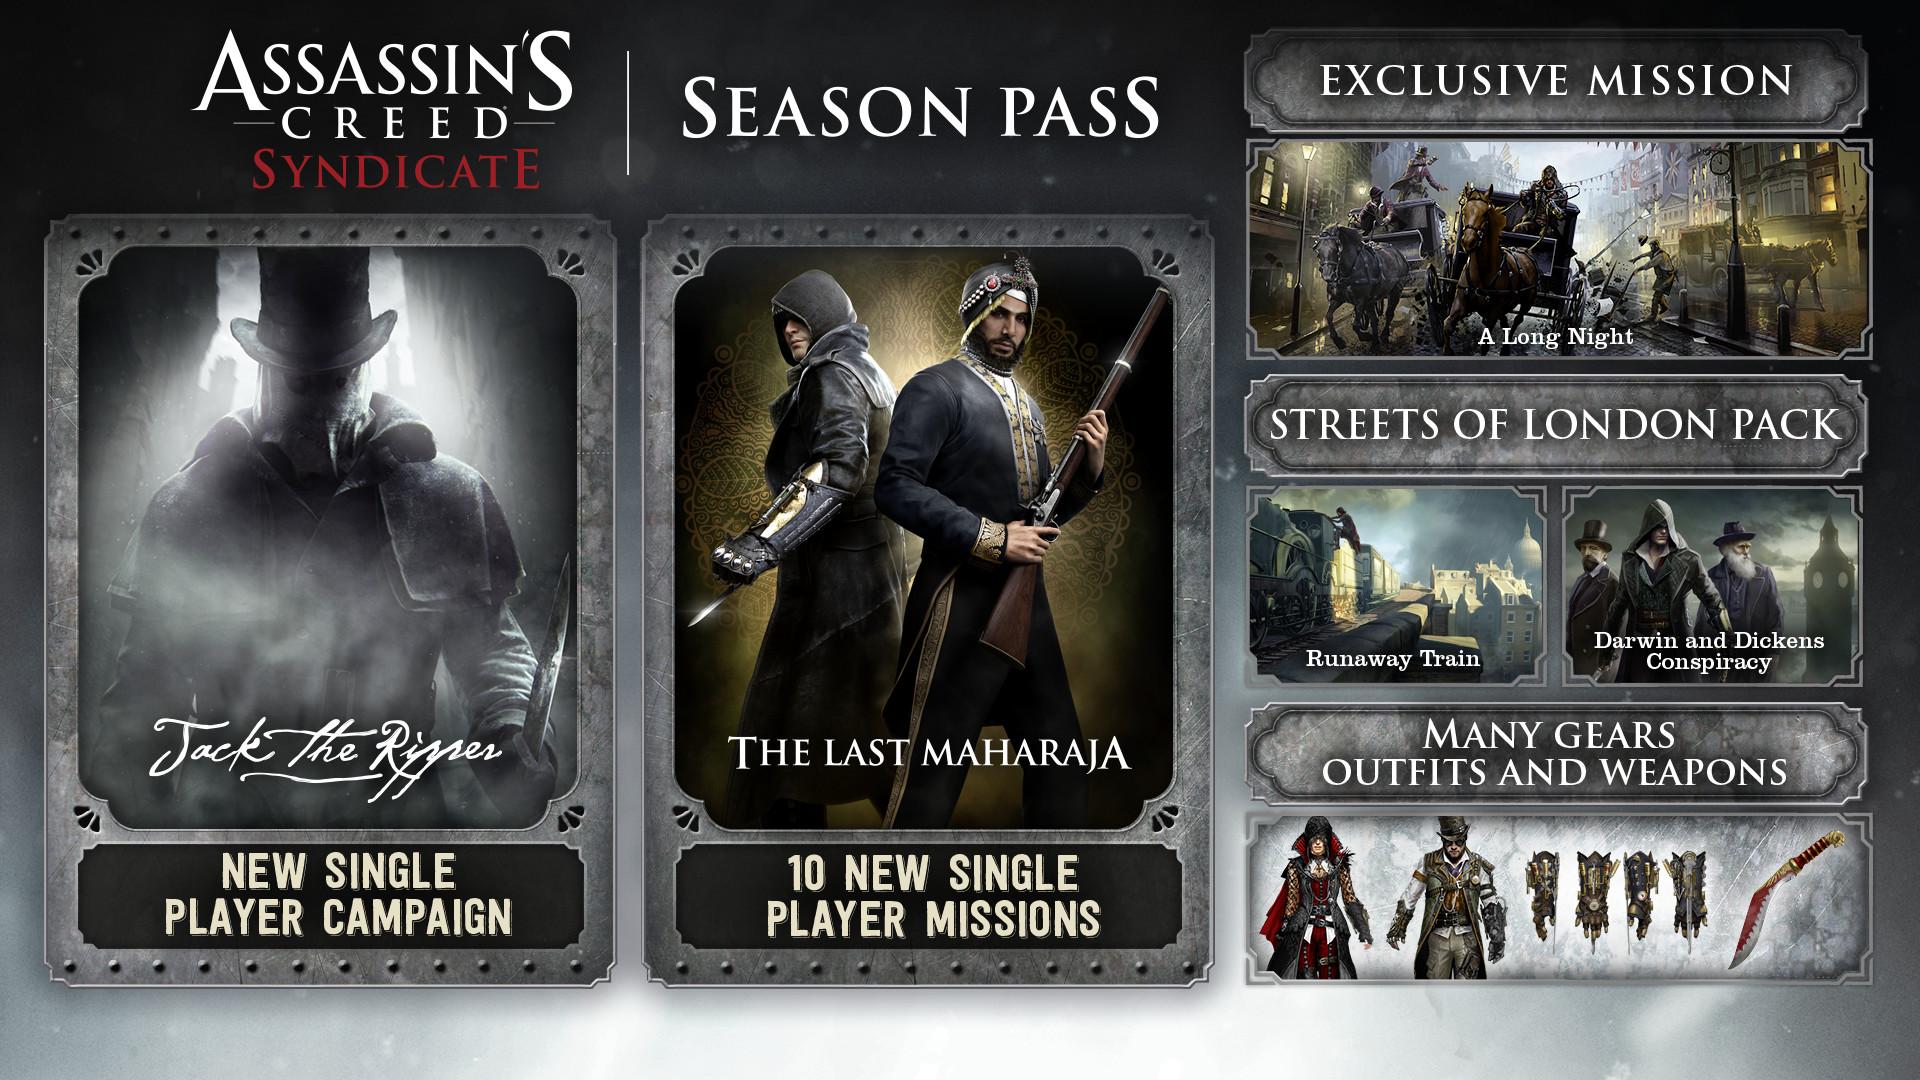 السلام عليكم ورحمة الله وبركاته تحميل لعبه Assassin's Creed Syndicate.